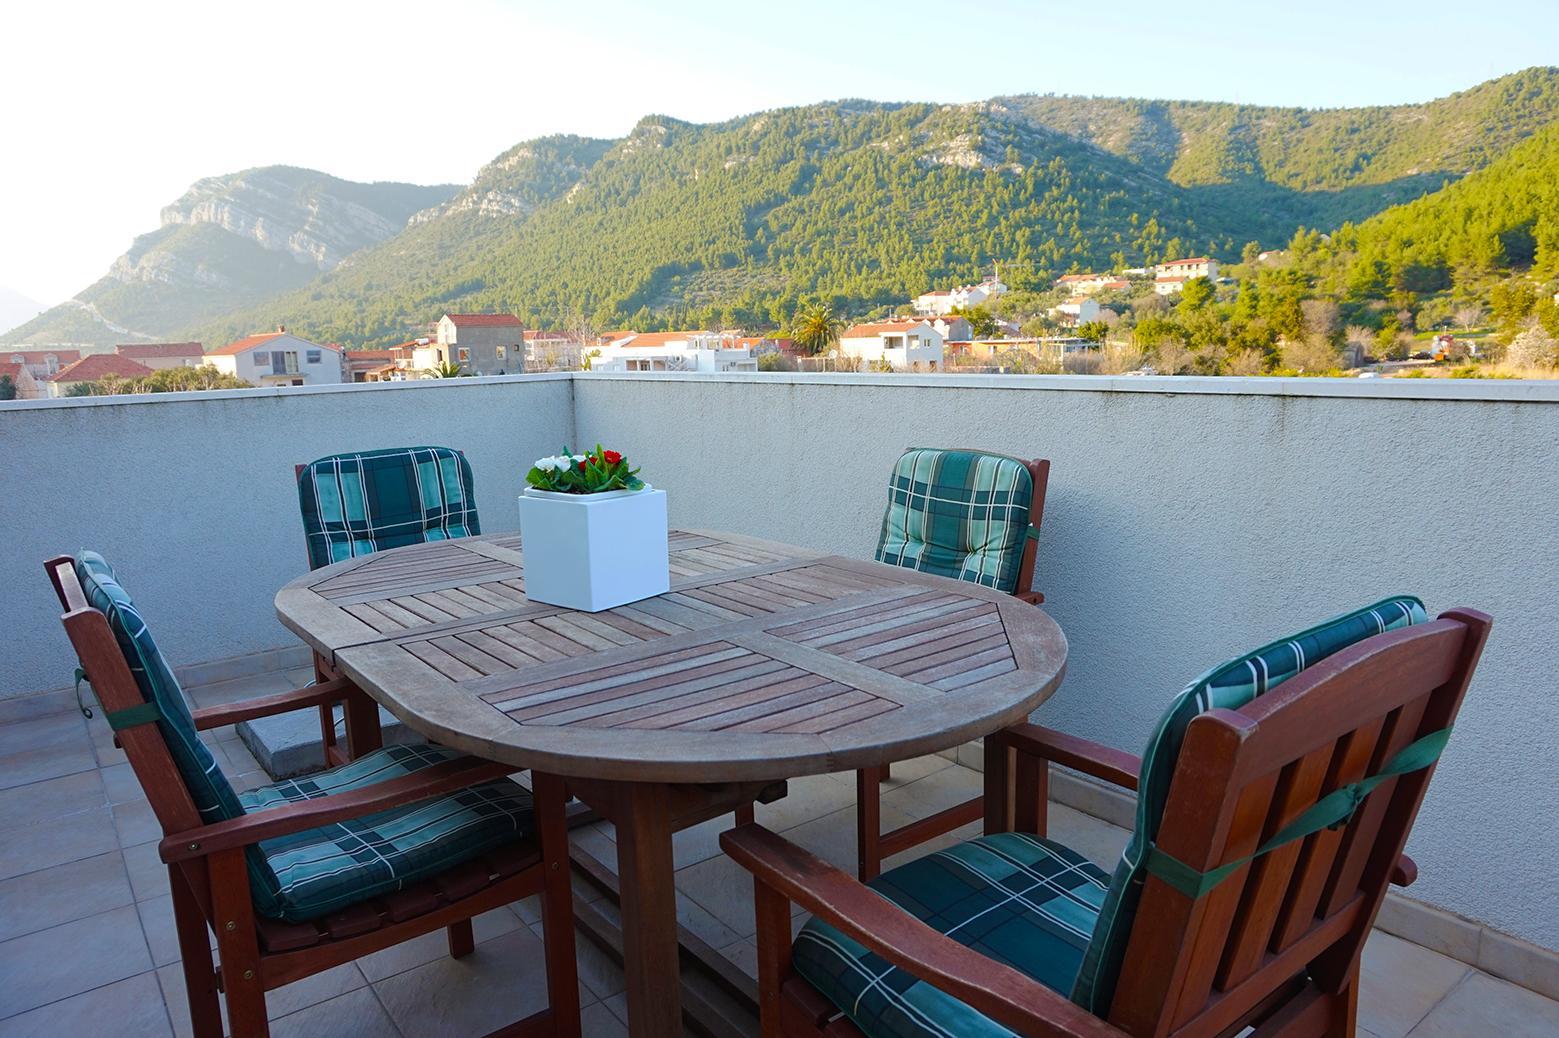 terrace viboni